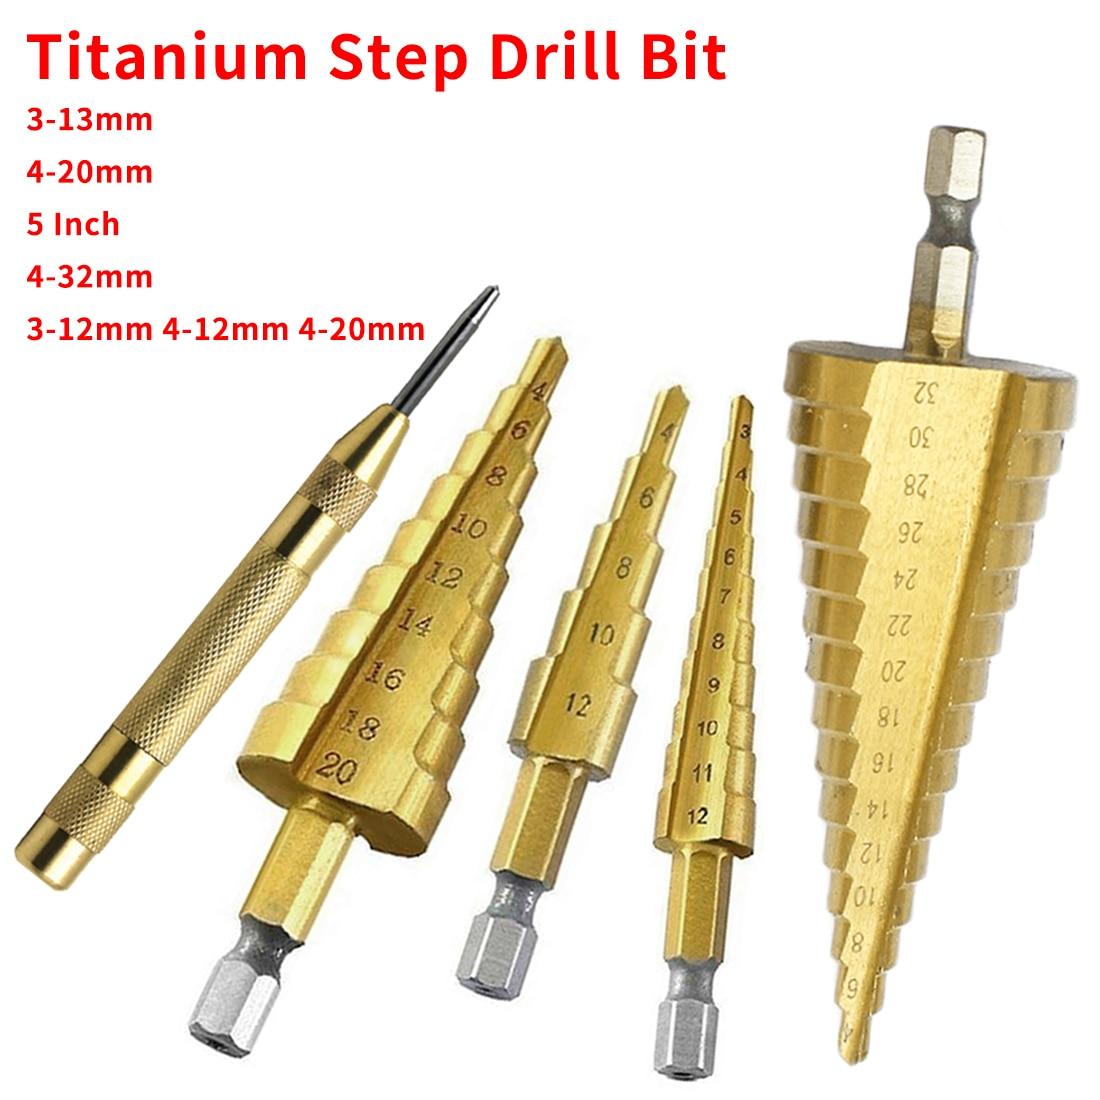 Broca de titanio de paso de acero HSS 3-12mm 4-12mm 4-20mm Juego de brocas de Metal para madera